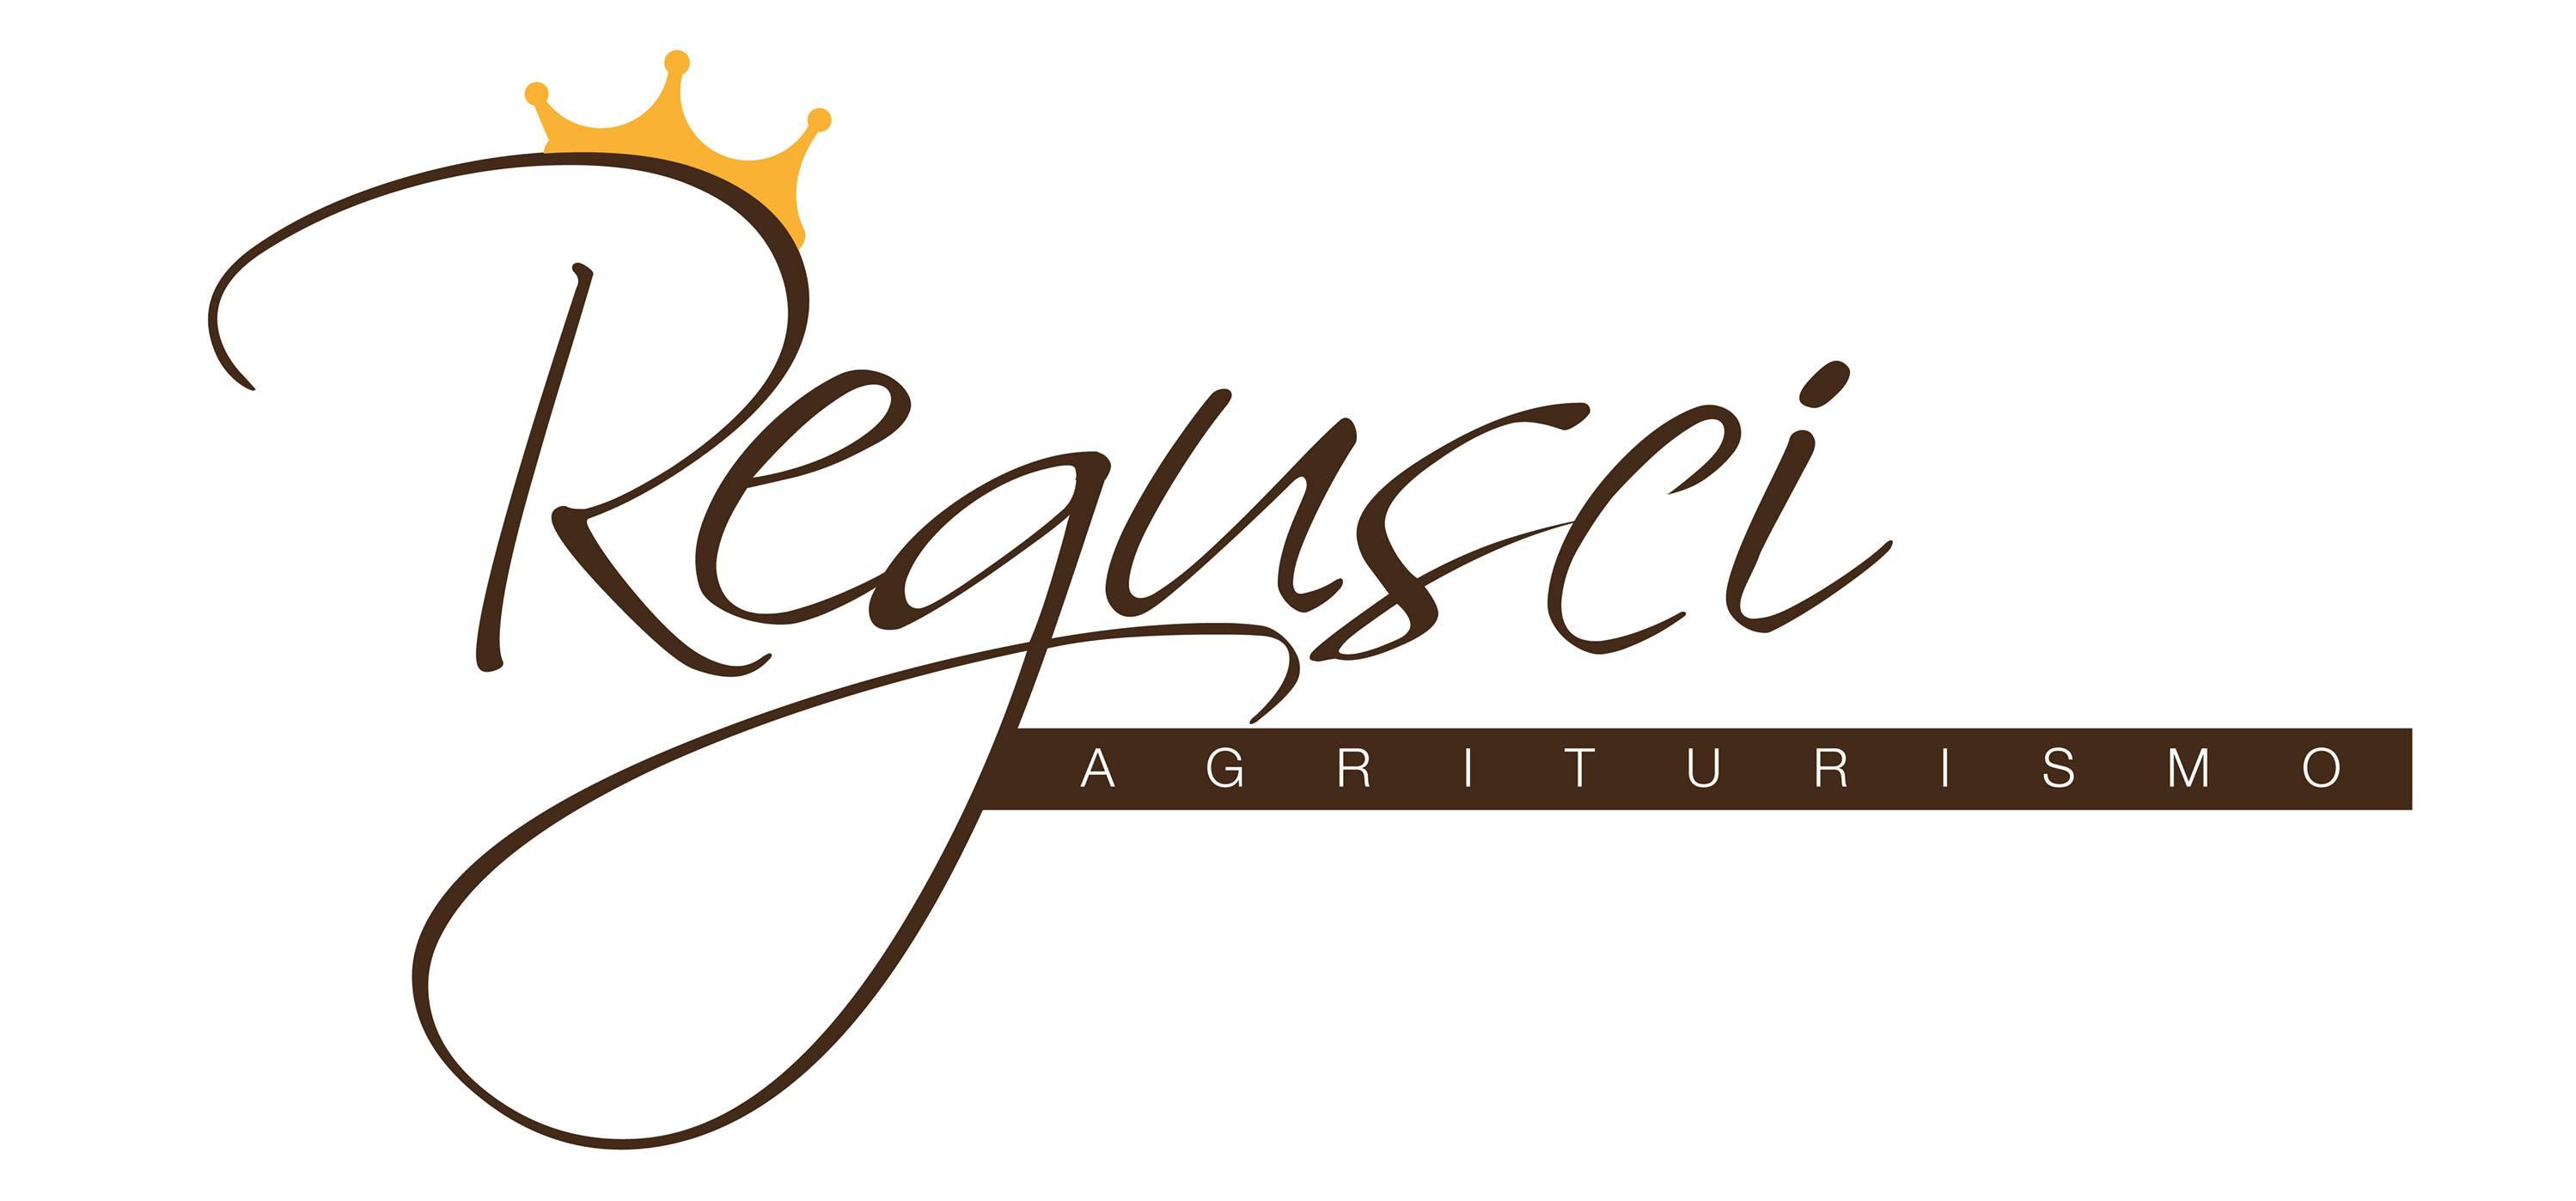 Restaurant alimentation Agriturismo Regusci Camorino Suisse Ulocal produit local achat local